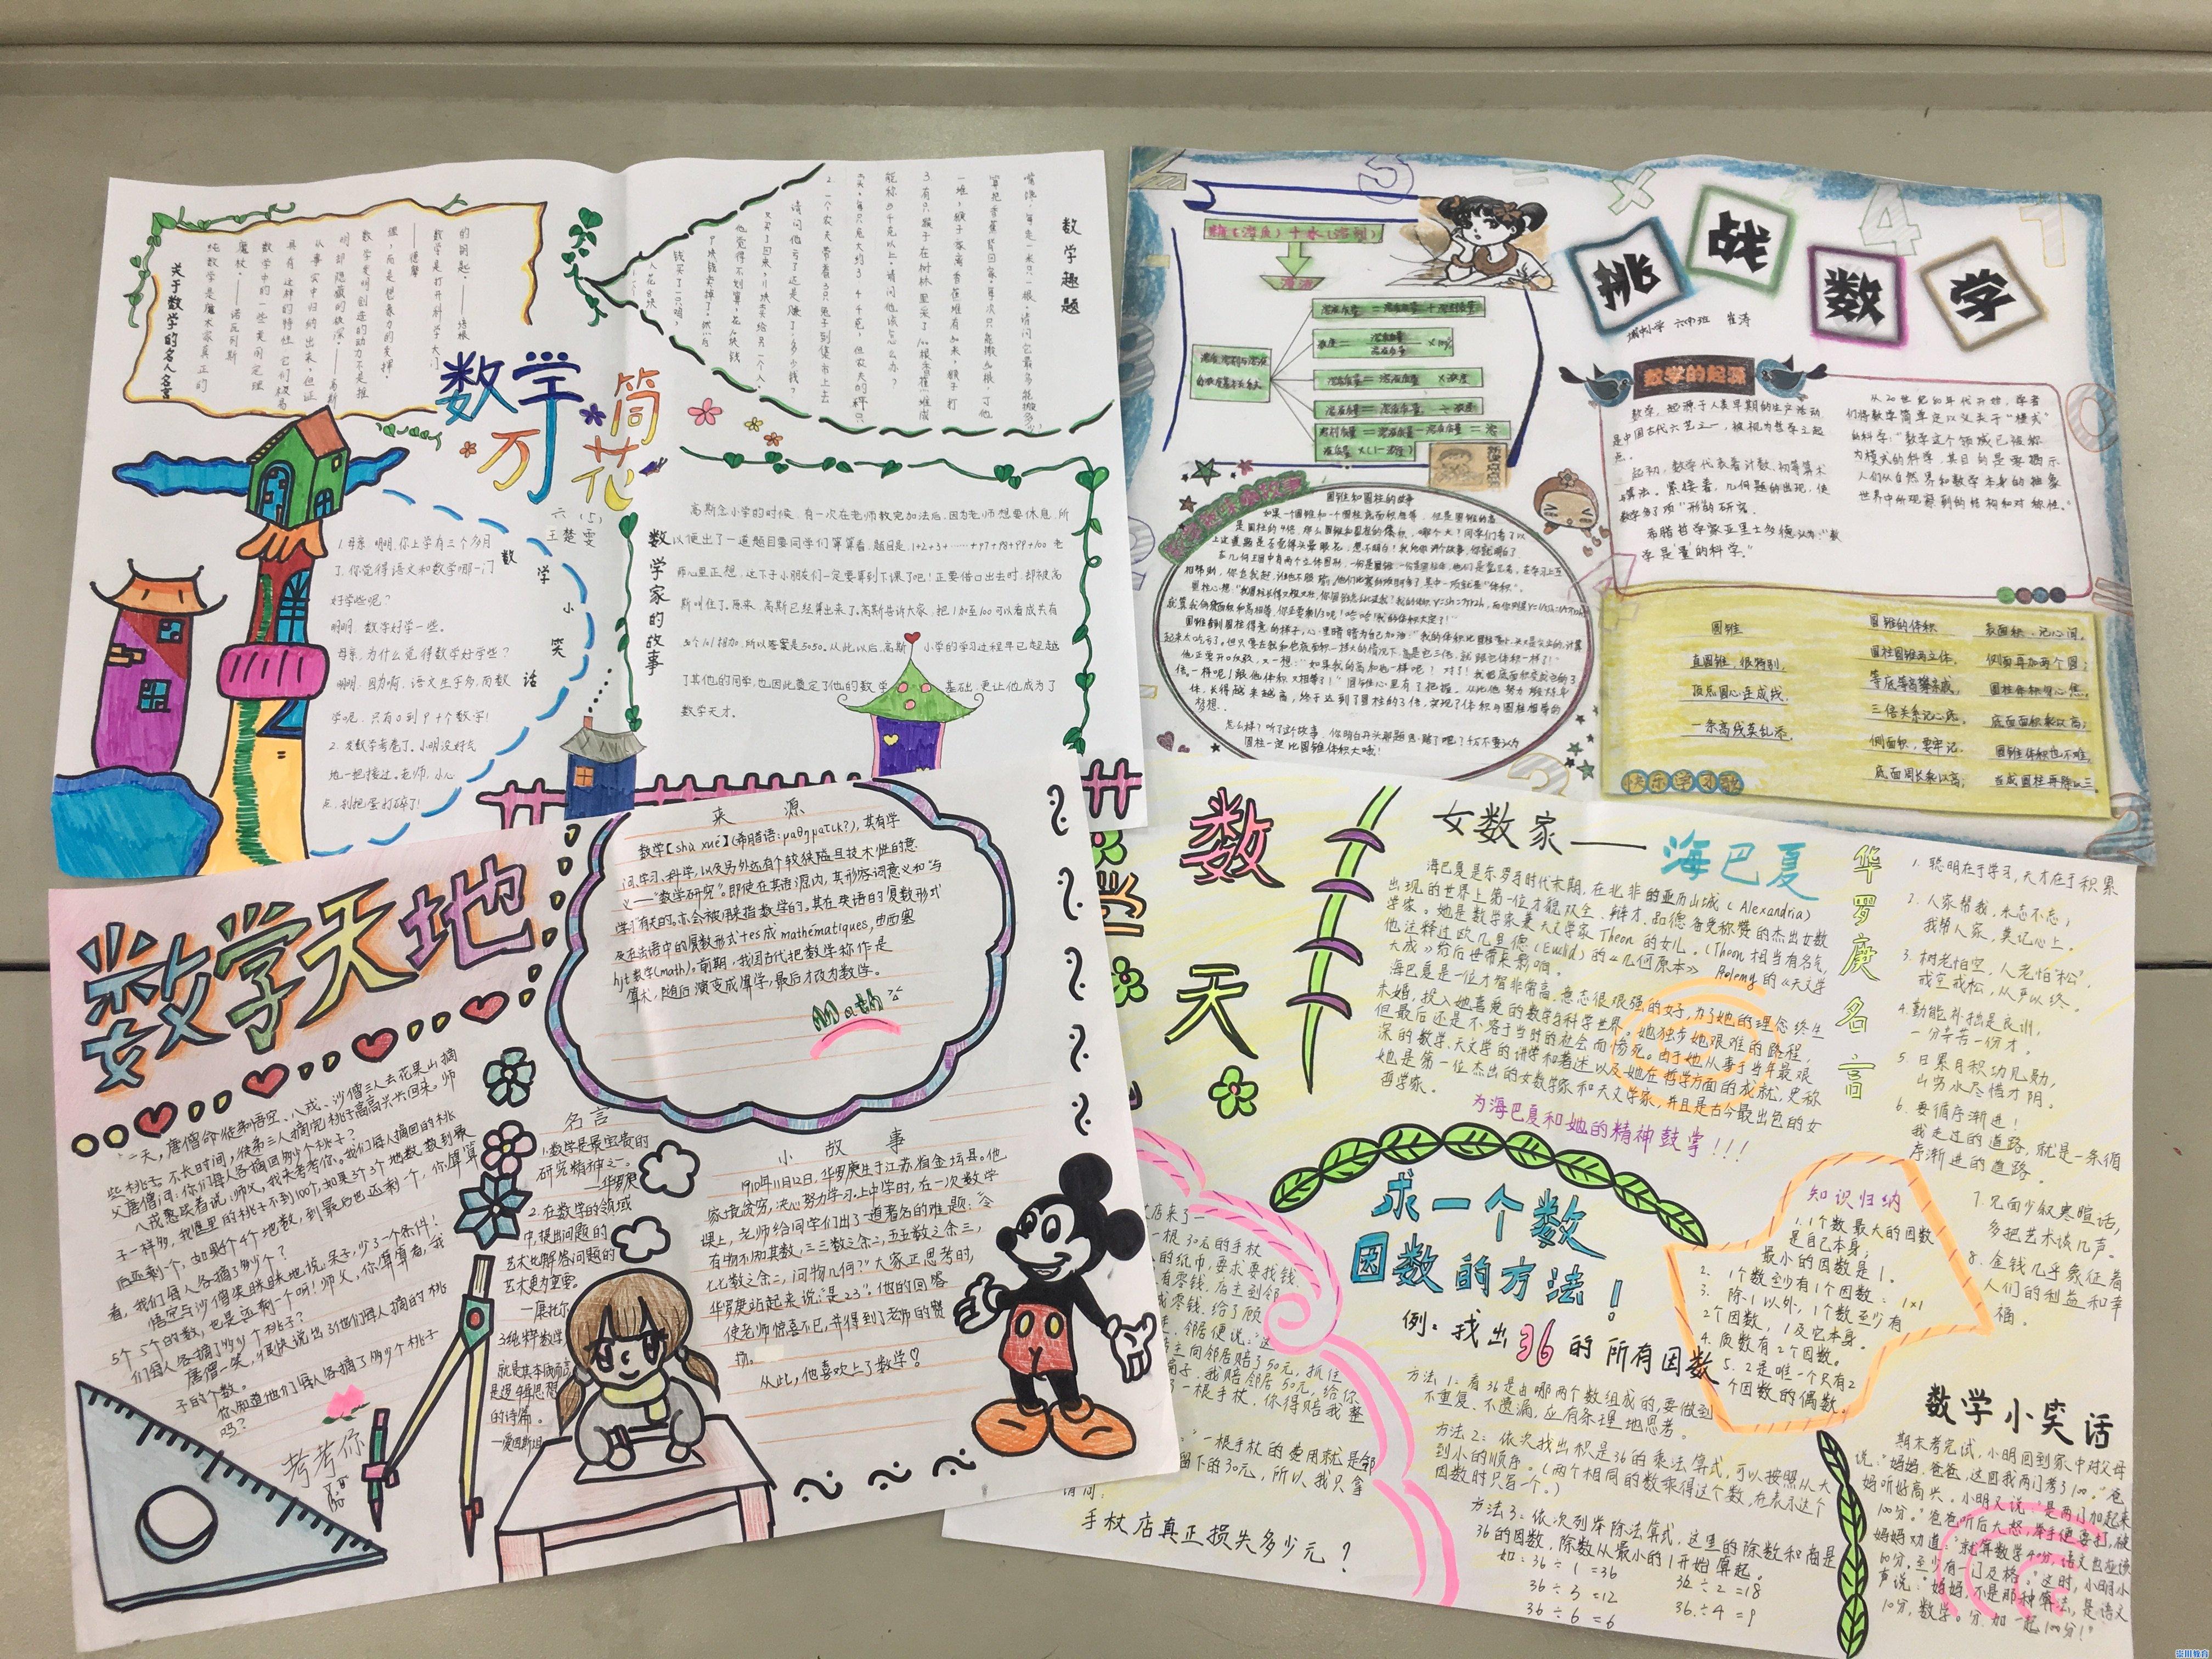 手抄报的制作活动,从培养儿童的数学情怀出发,让学生在学数学,爱数学